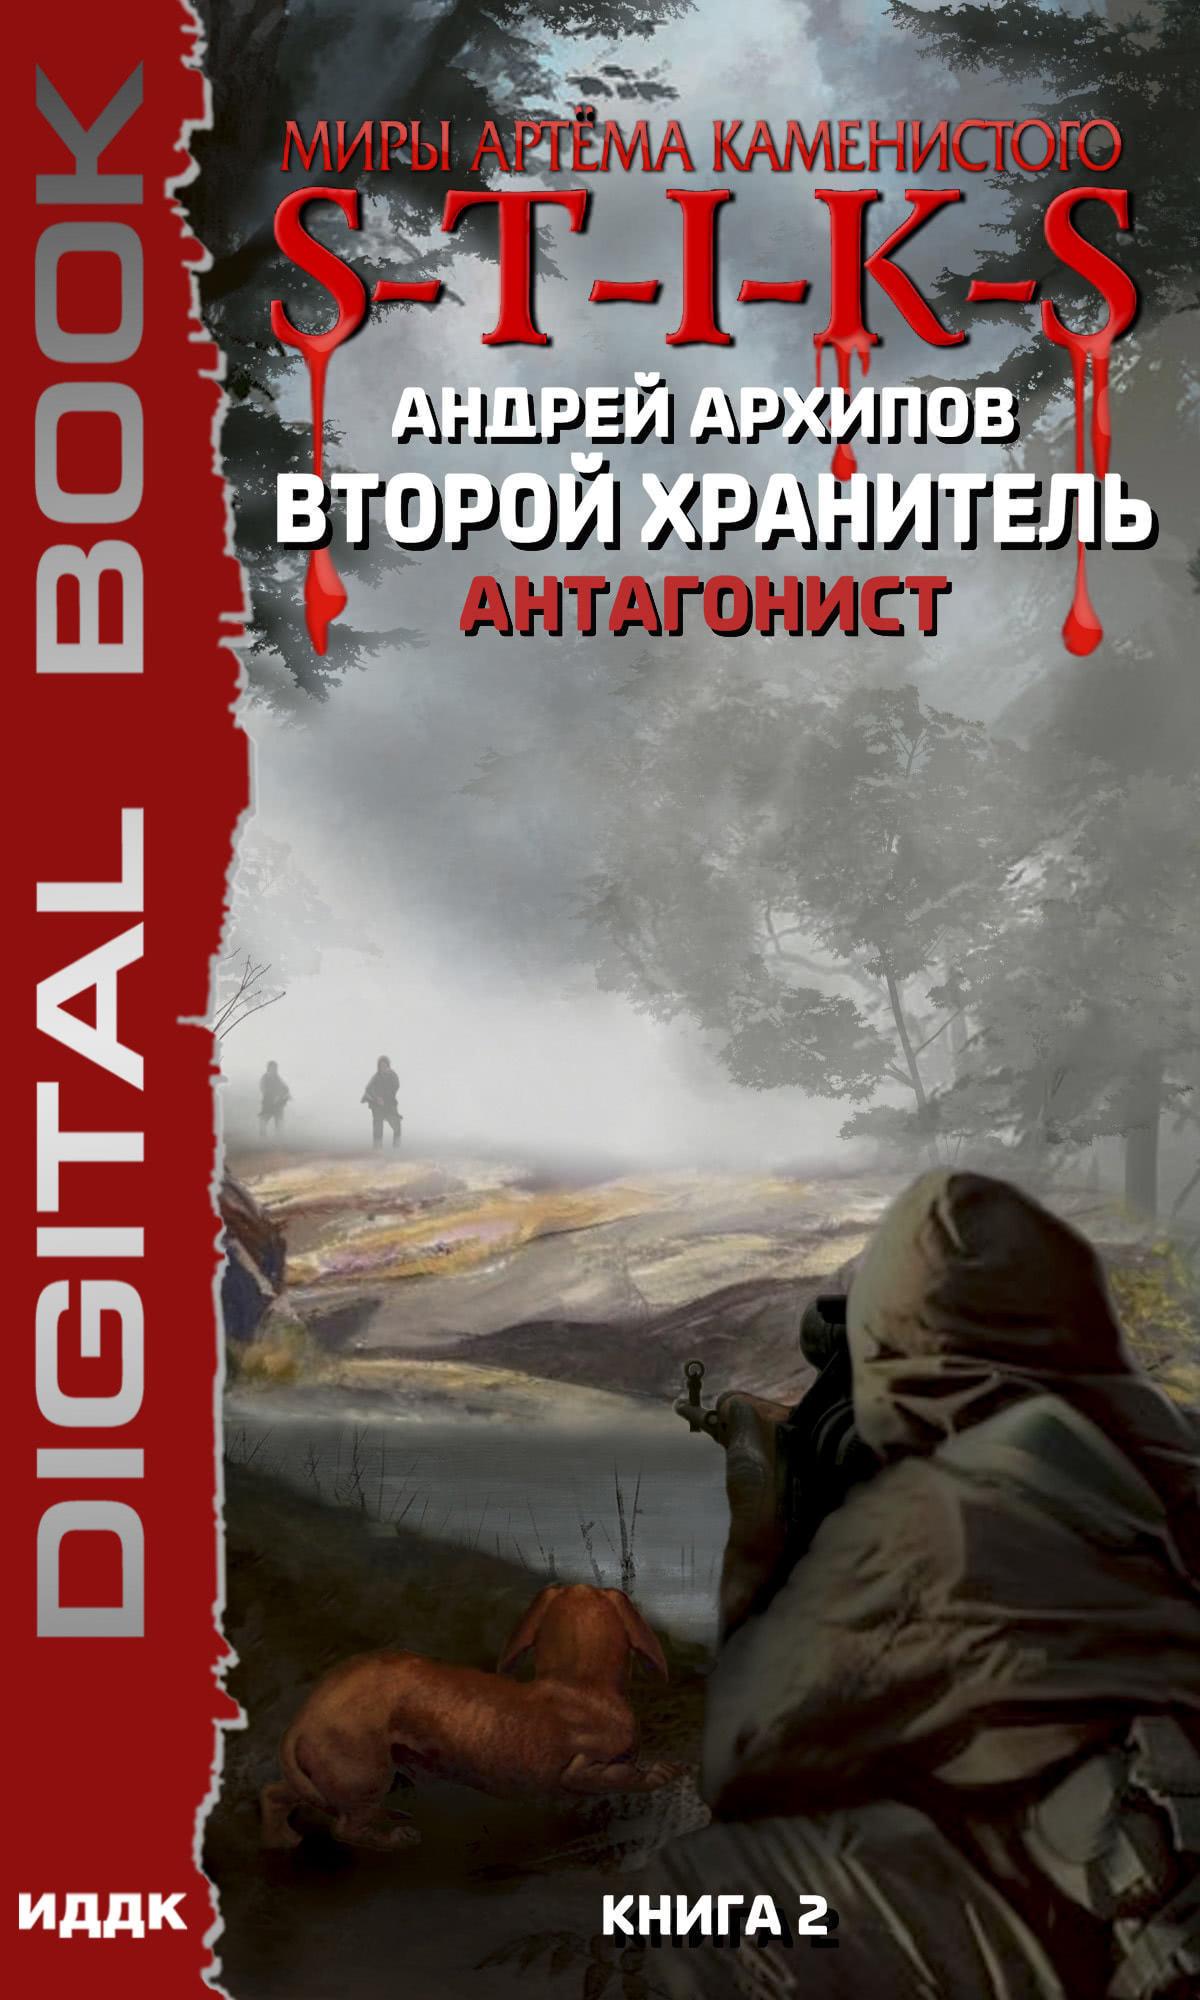 Андрей Архипов - S-T-I-K-S. Второй Хранитель. Книга 2. Антагонист